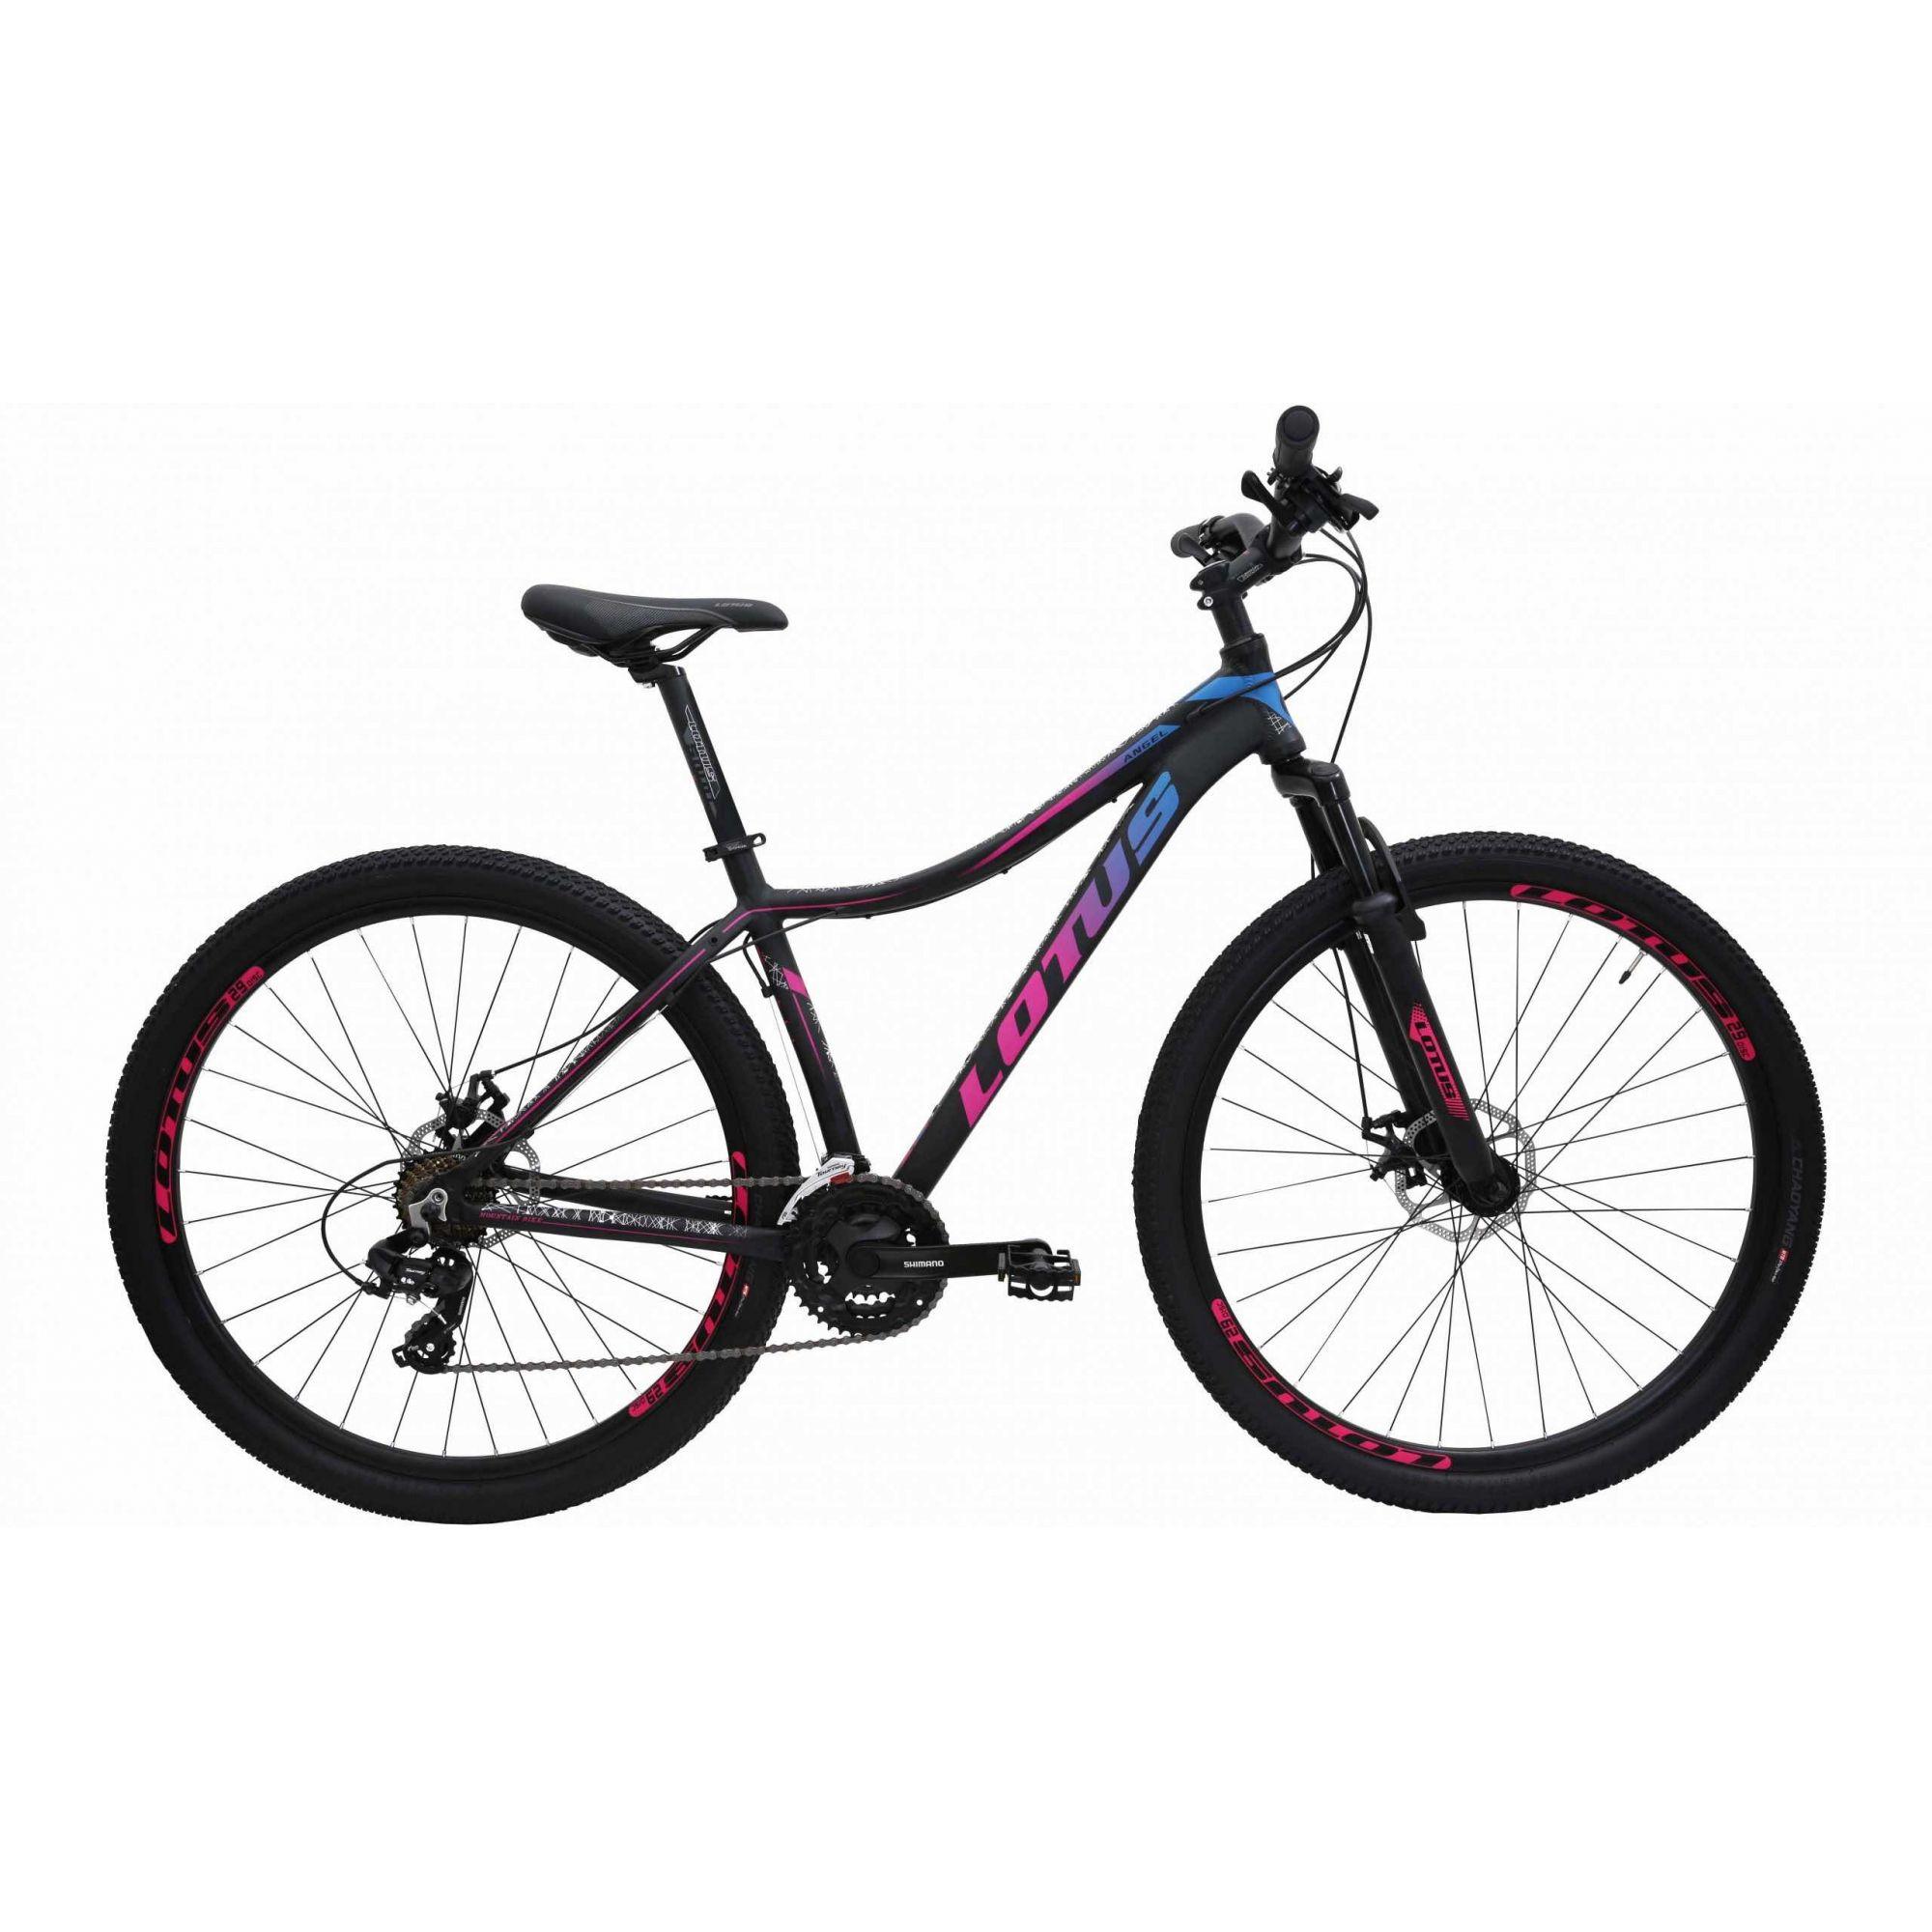 Bicicleta Aro 29 Cairu Al Lotus Angel F.D. Mec - 317343 Preto/Azul/Rosa